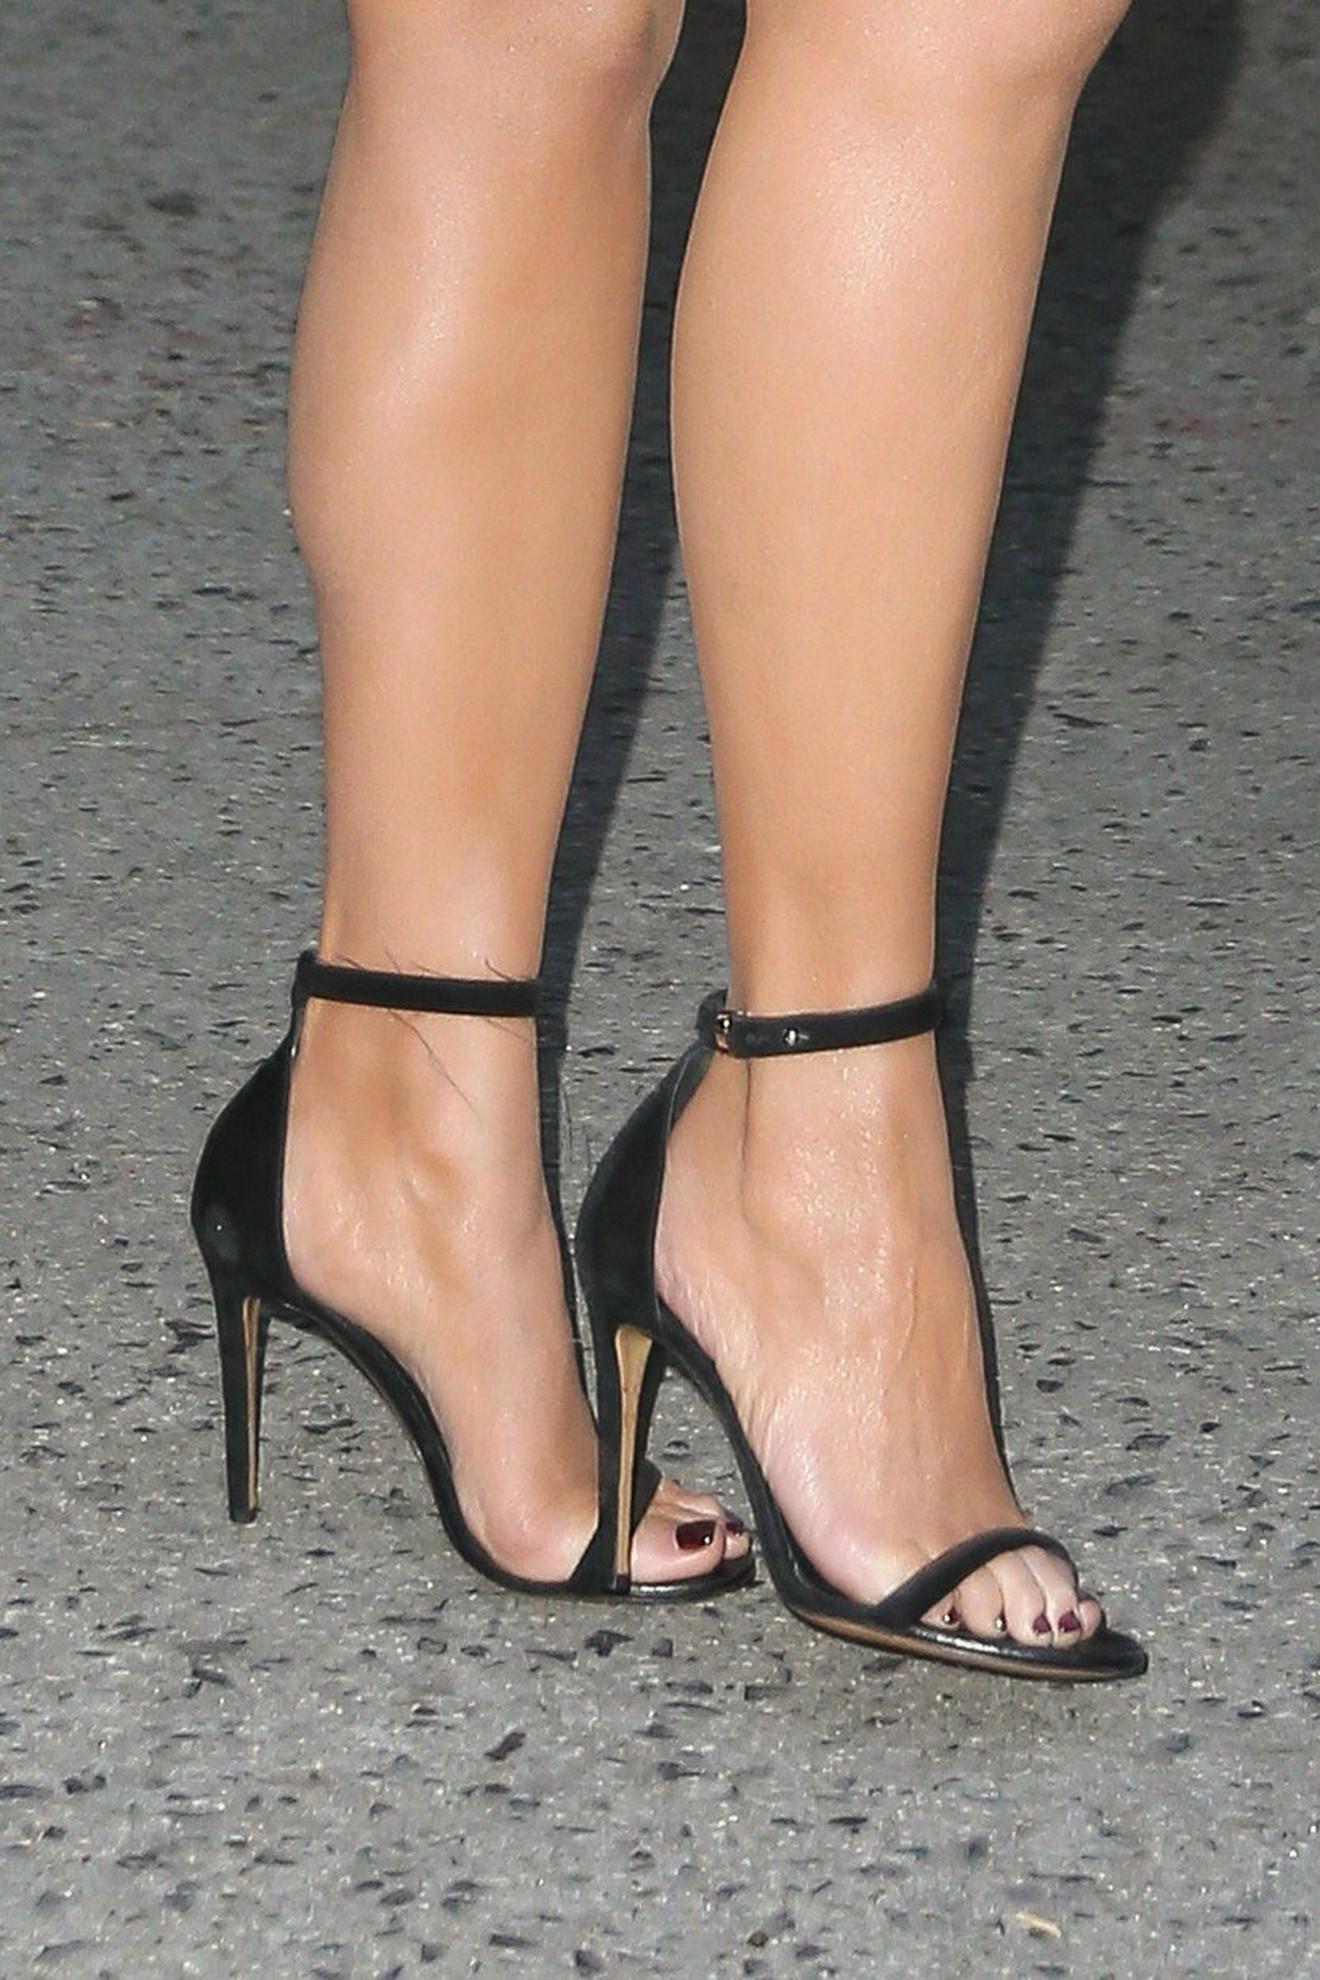 A sandale?